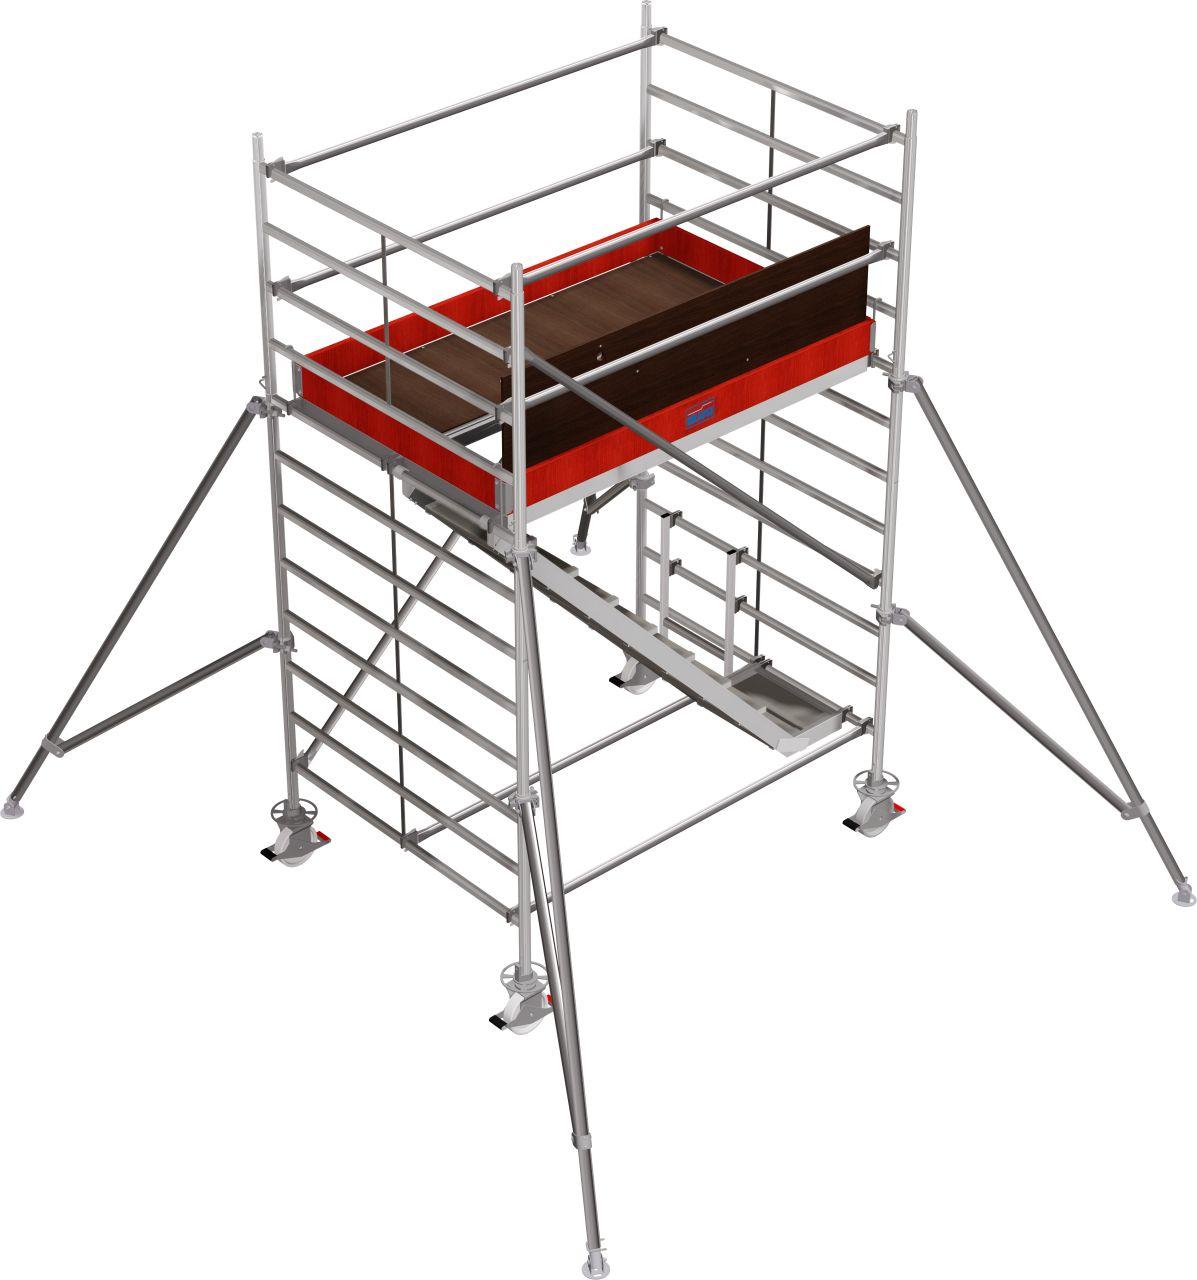 Fahrgerüst Serie 5500 Das professionelle Alu-Fahrgerüst mit komfortablem Treppenaufgang und doppelter Arbeitsfläche